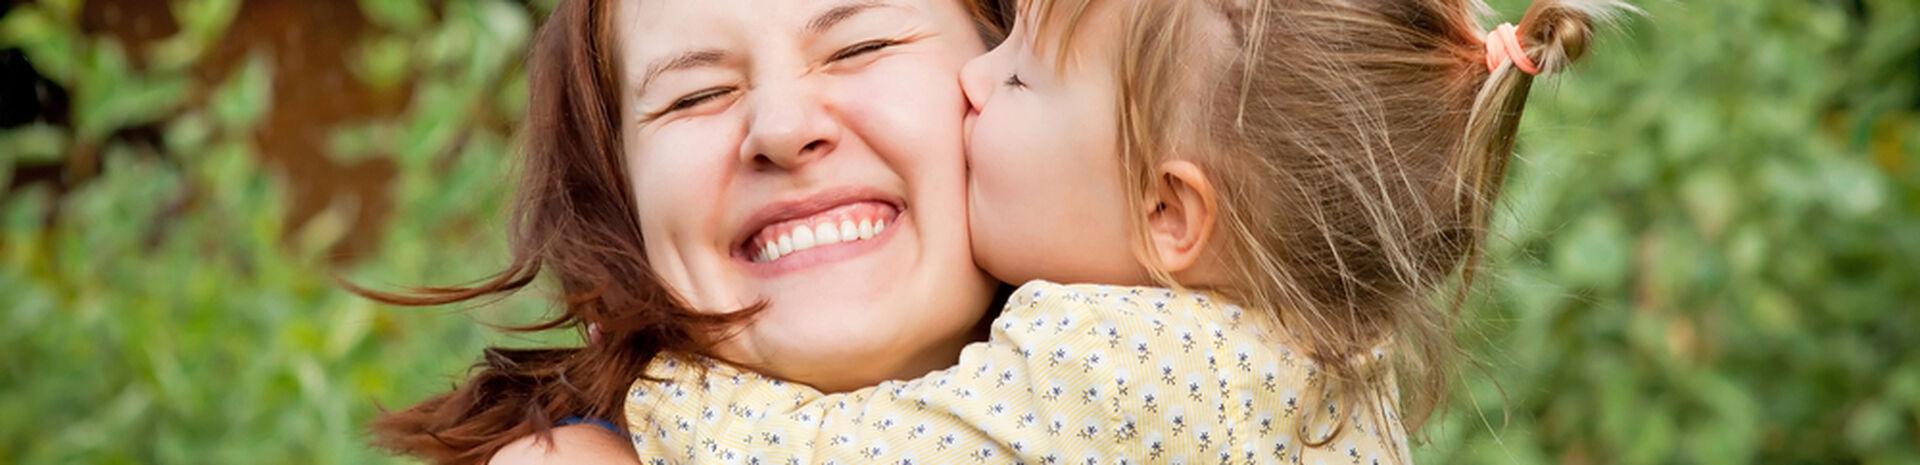 Mutter mit Kleinkind vor einer grünen Wiese